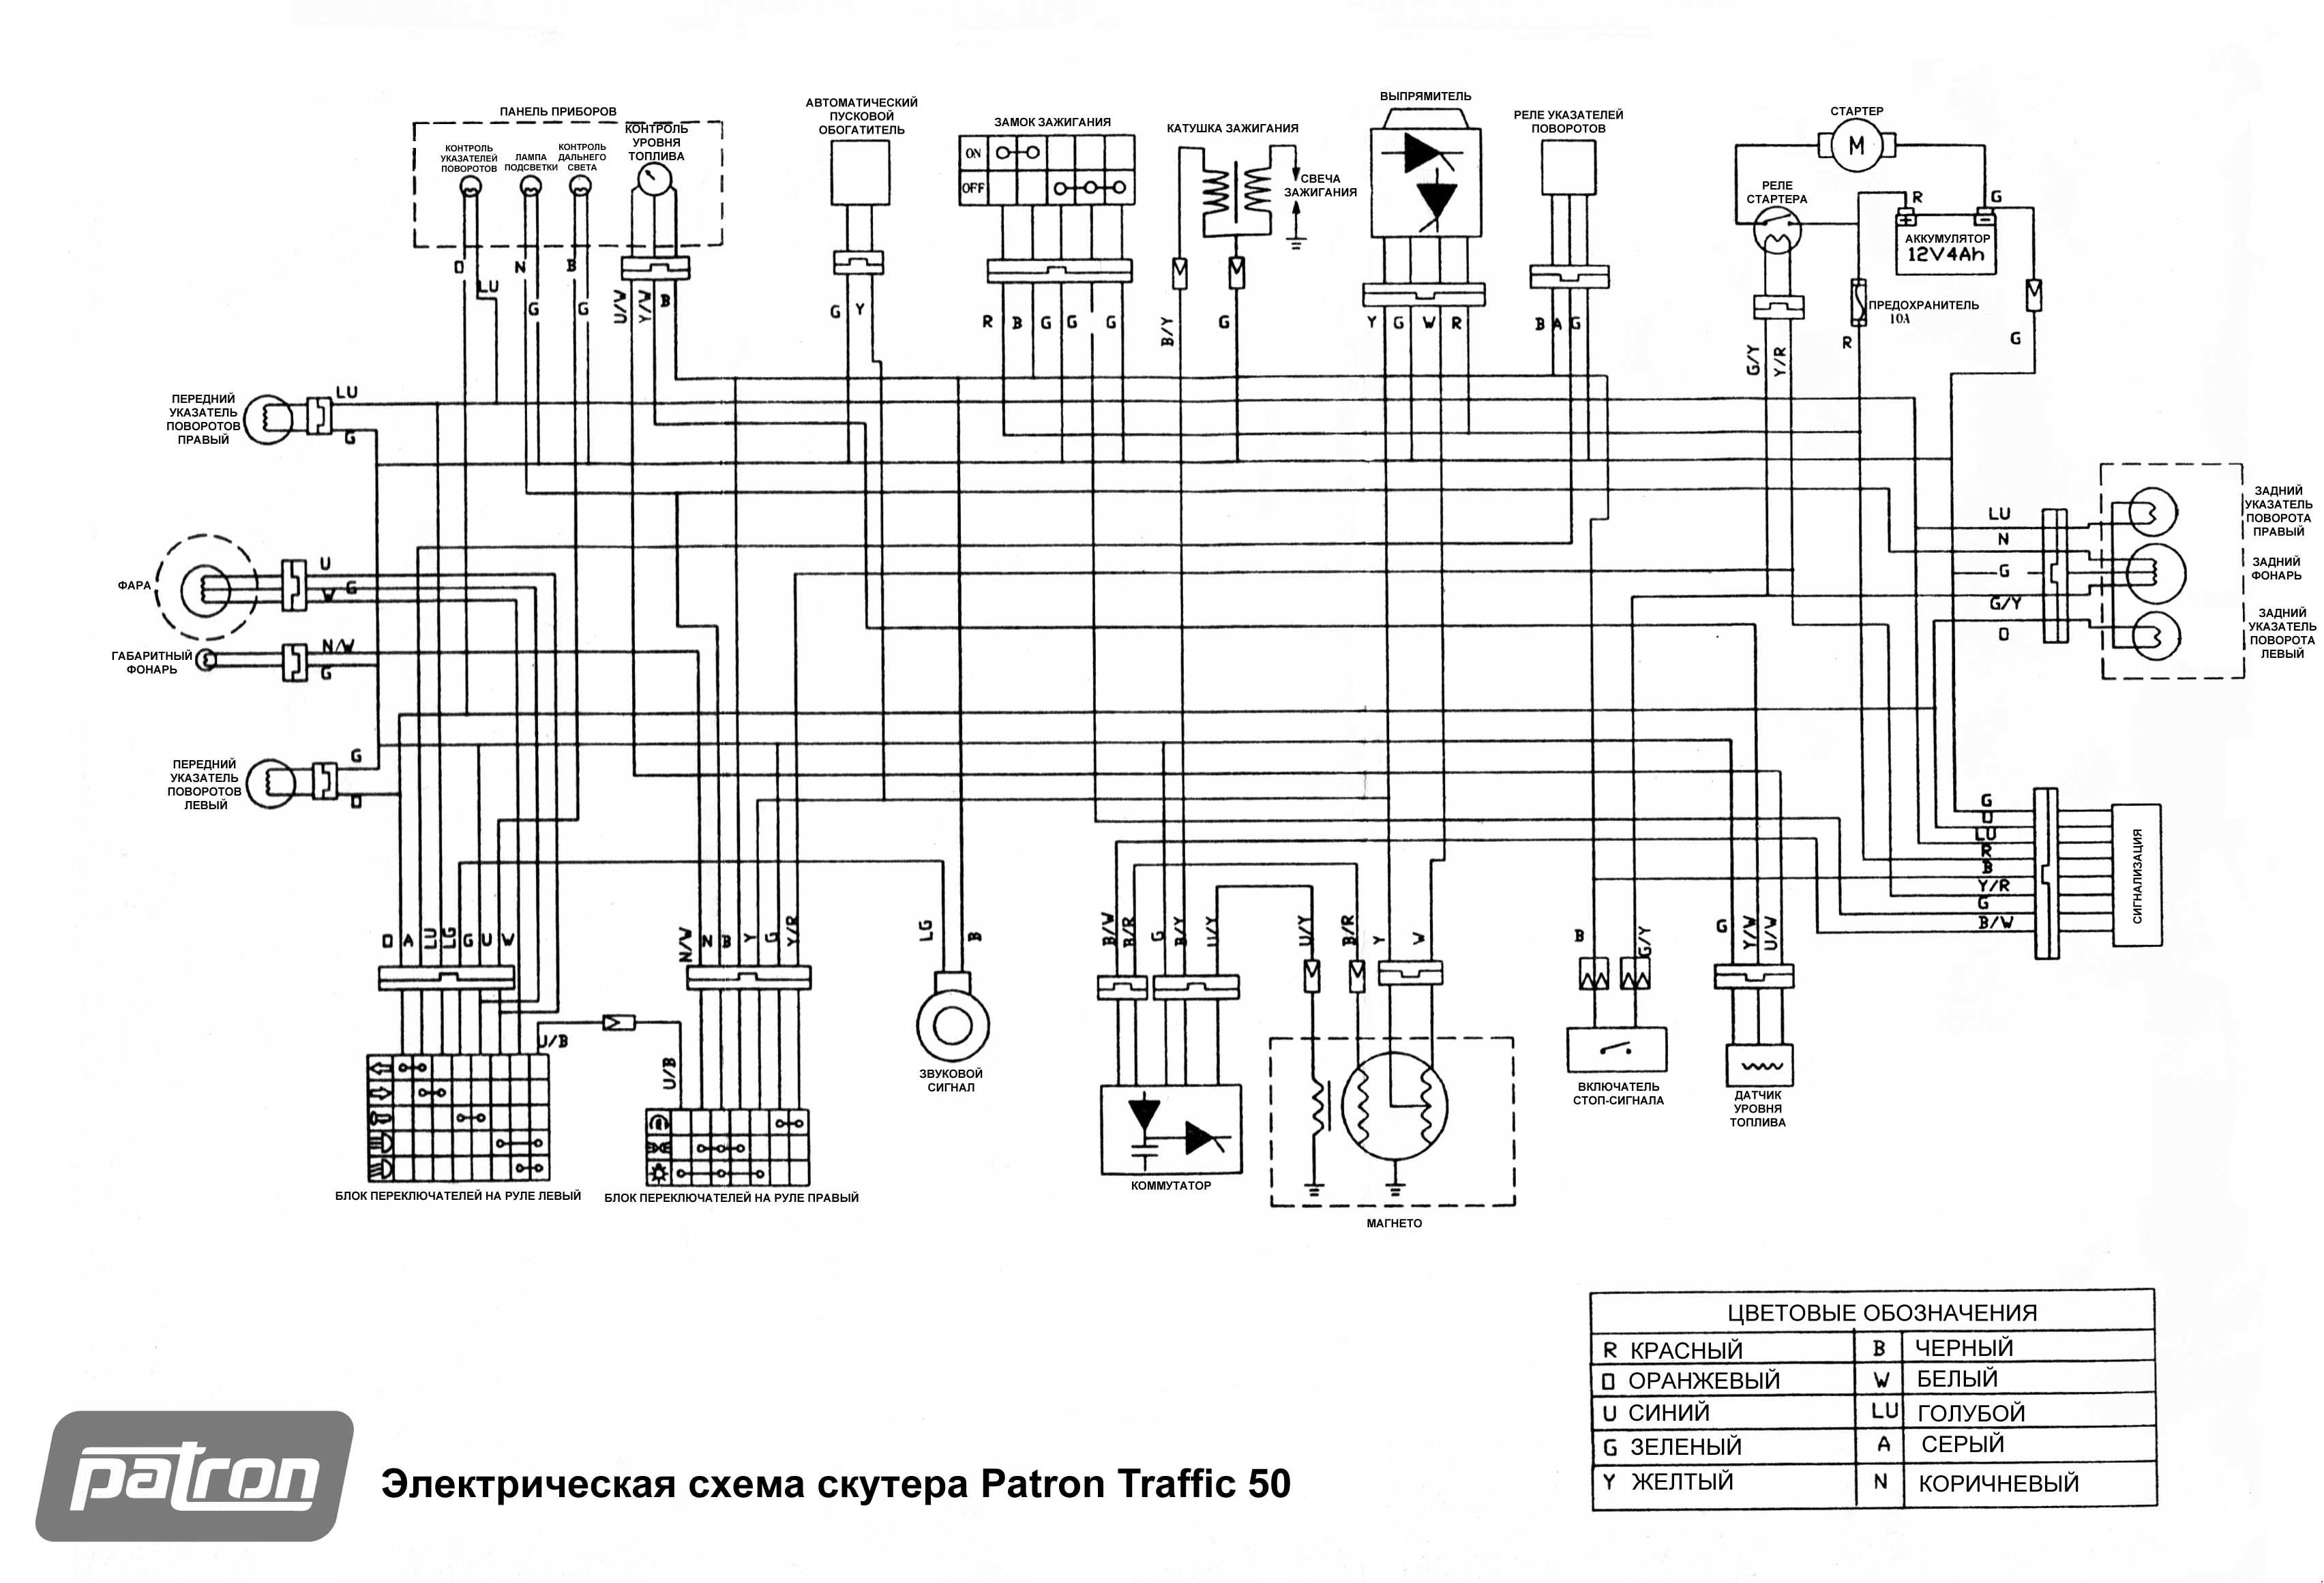 Скутер скиф электрическая схема